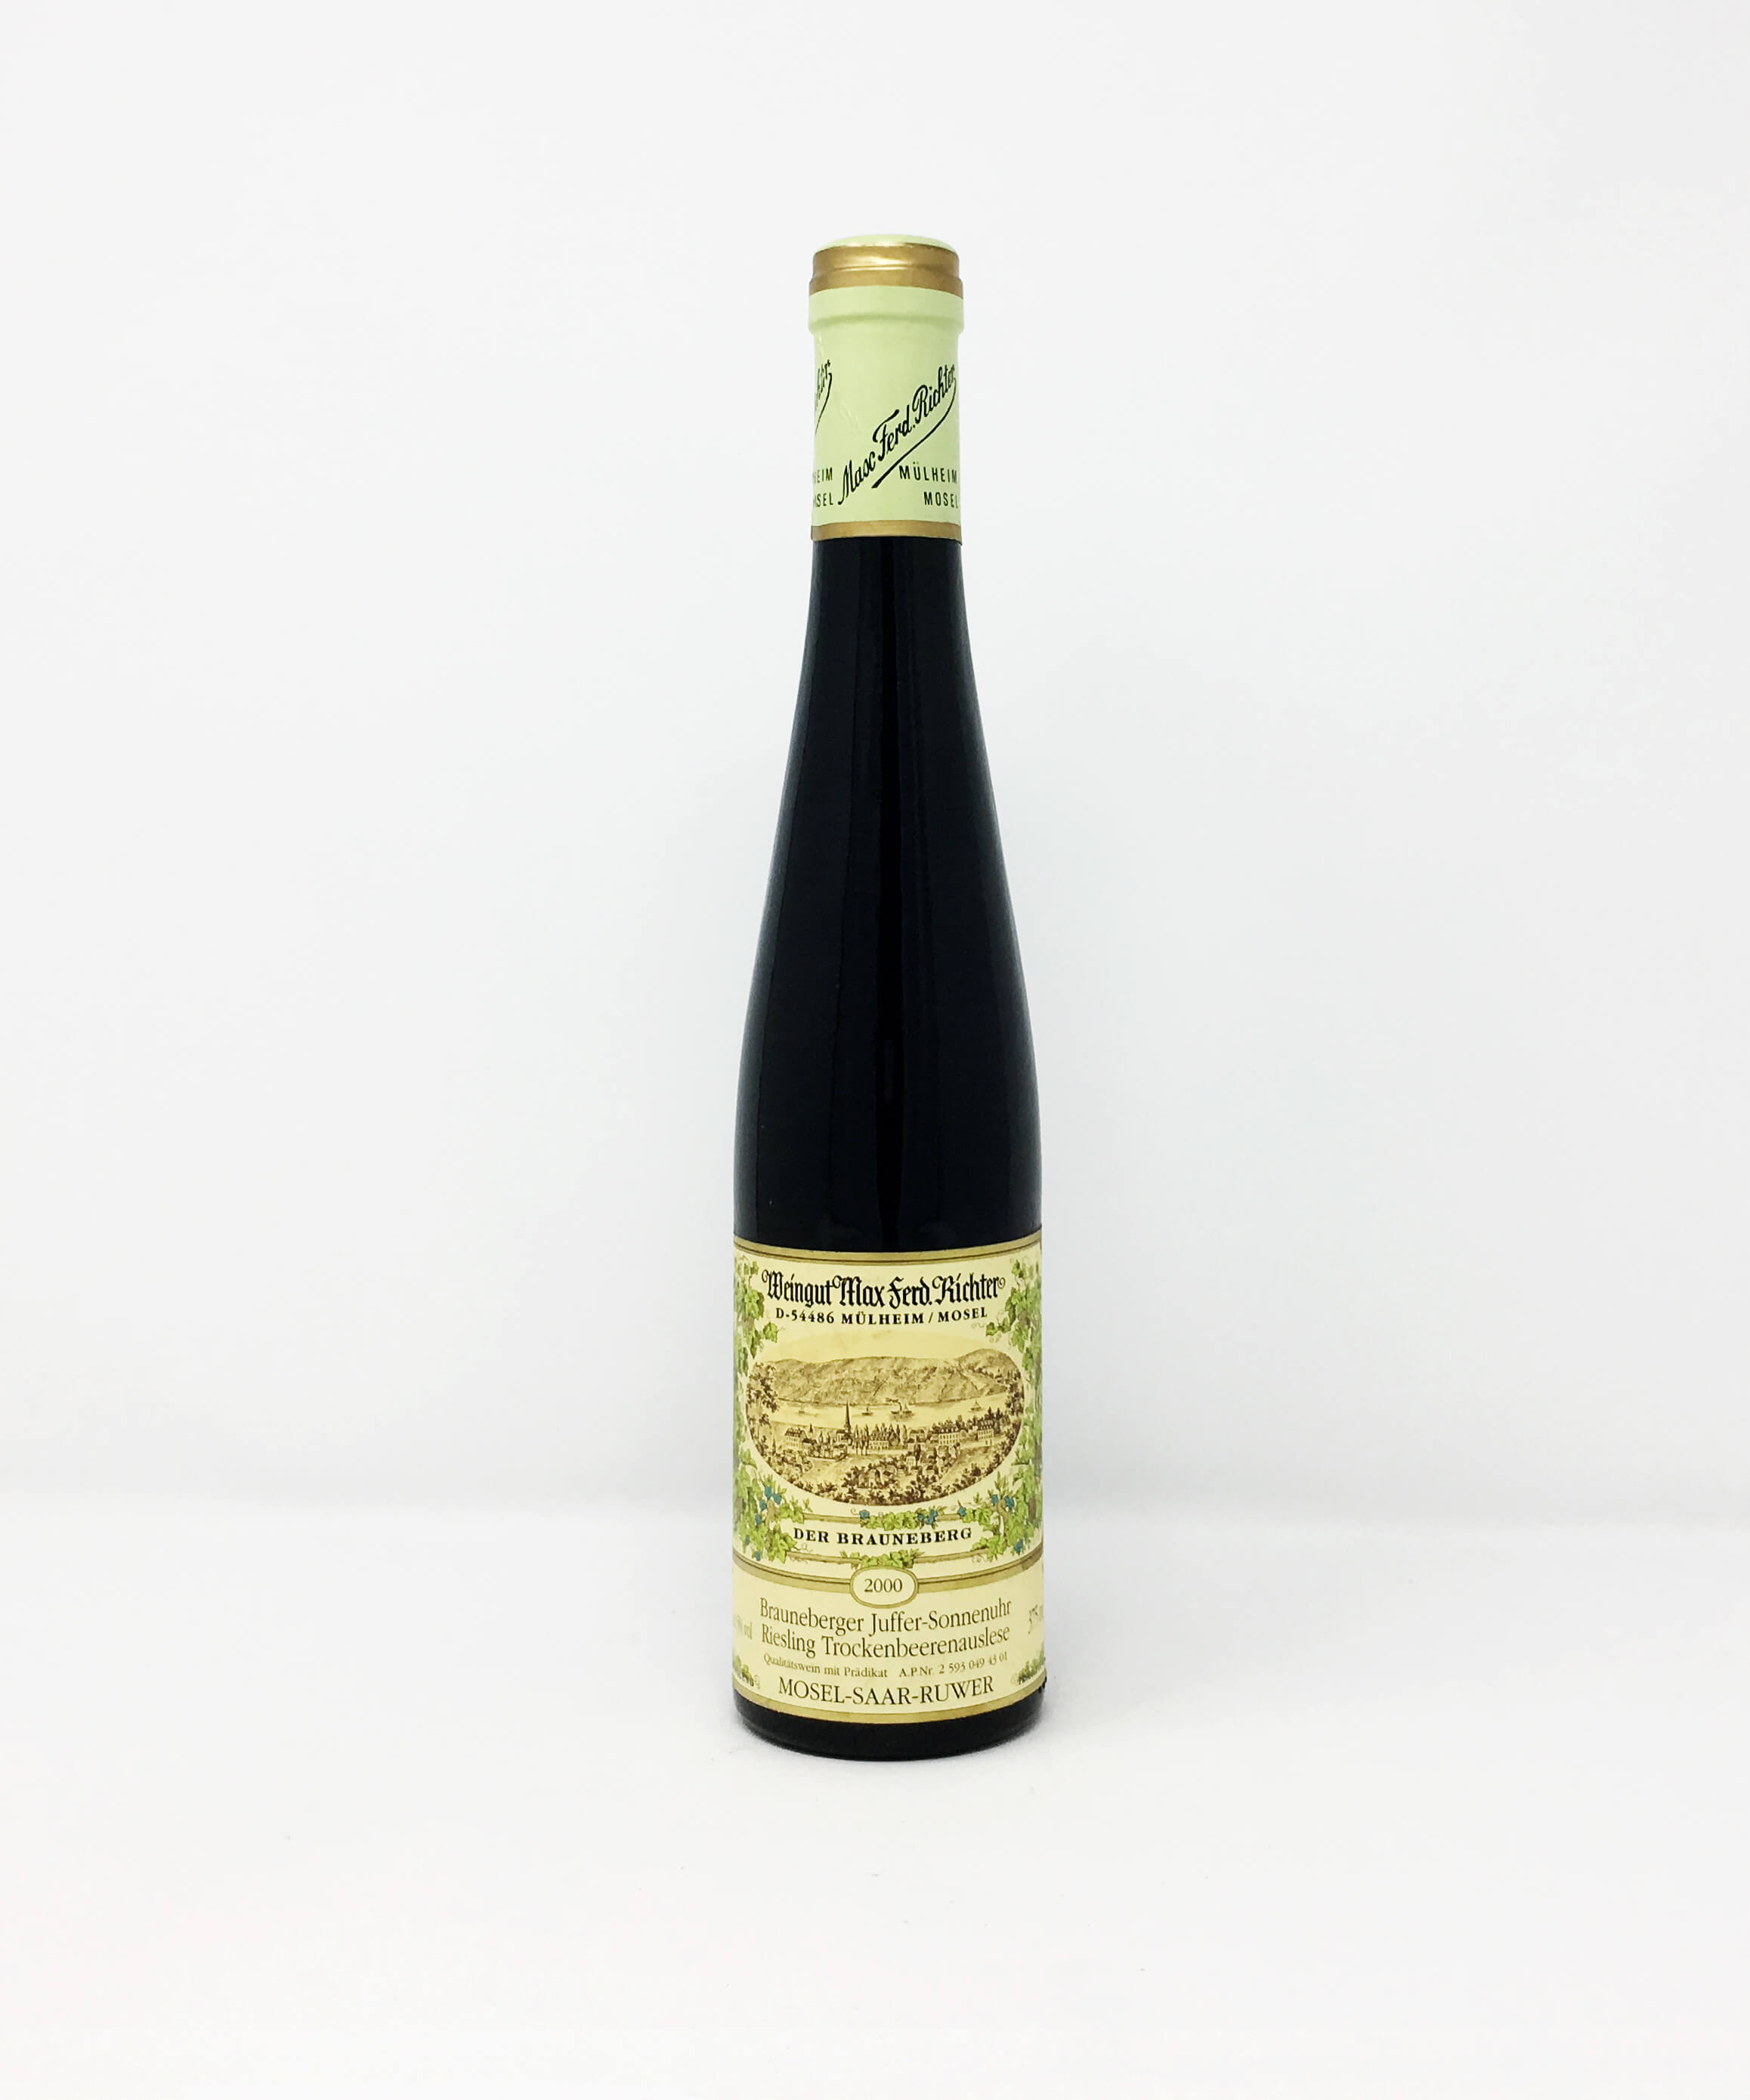 Weingut Max Ferd. Richter, Brauneberger Juffer-Sonnenuhr, Trockenbeerenauslese HALF BOTTLE